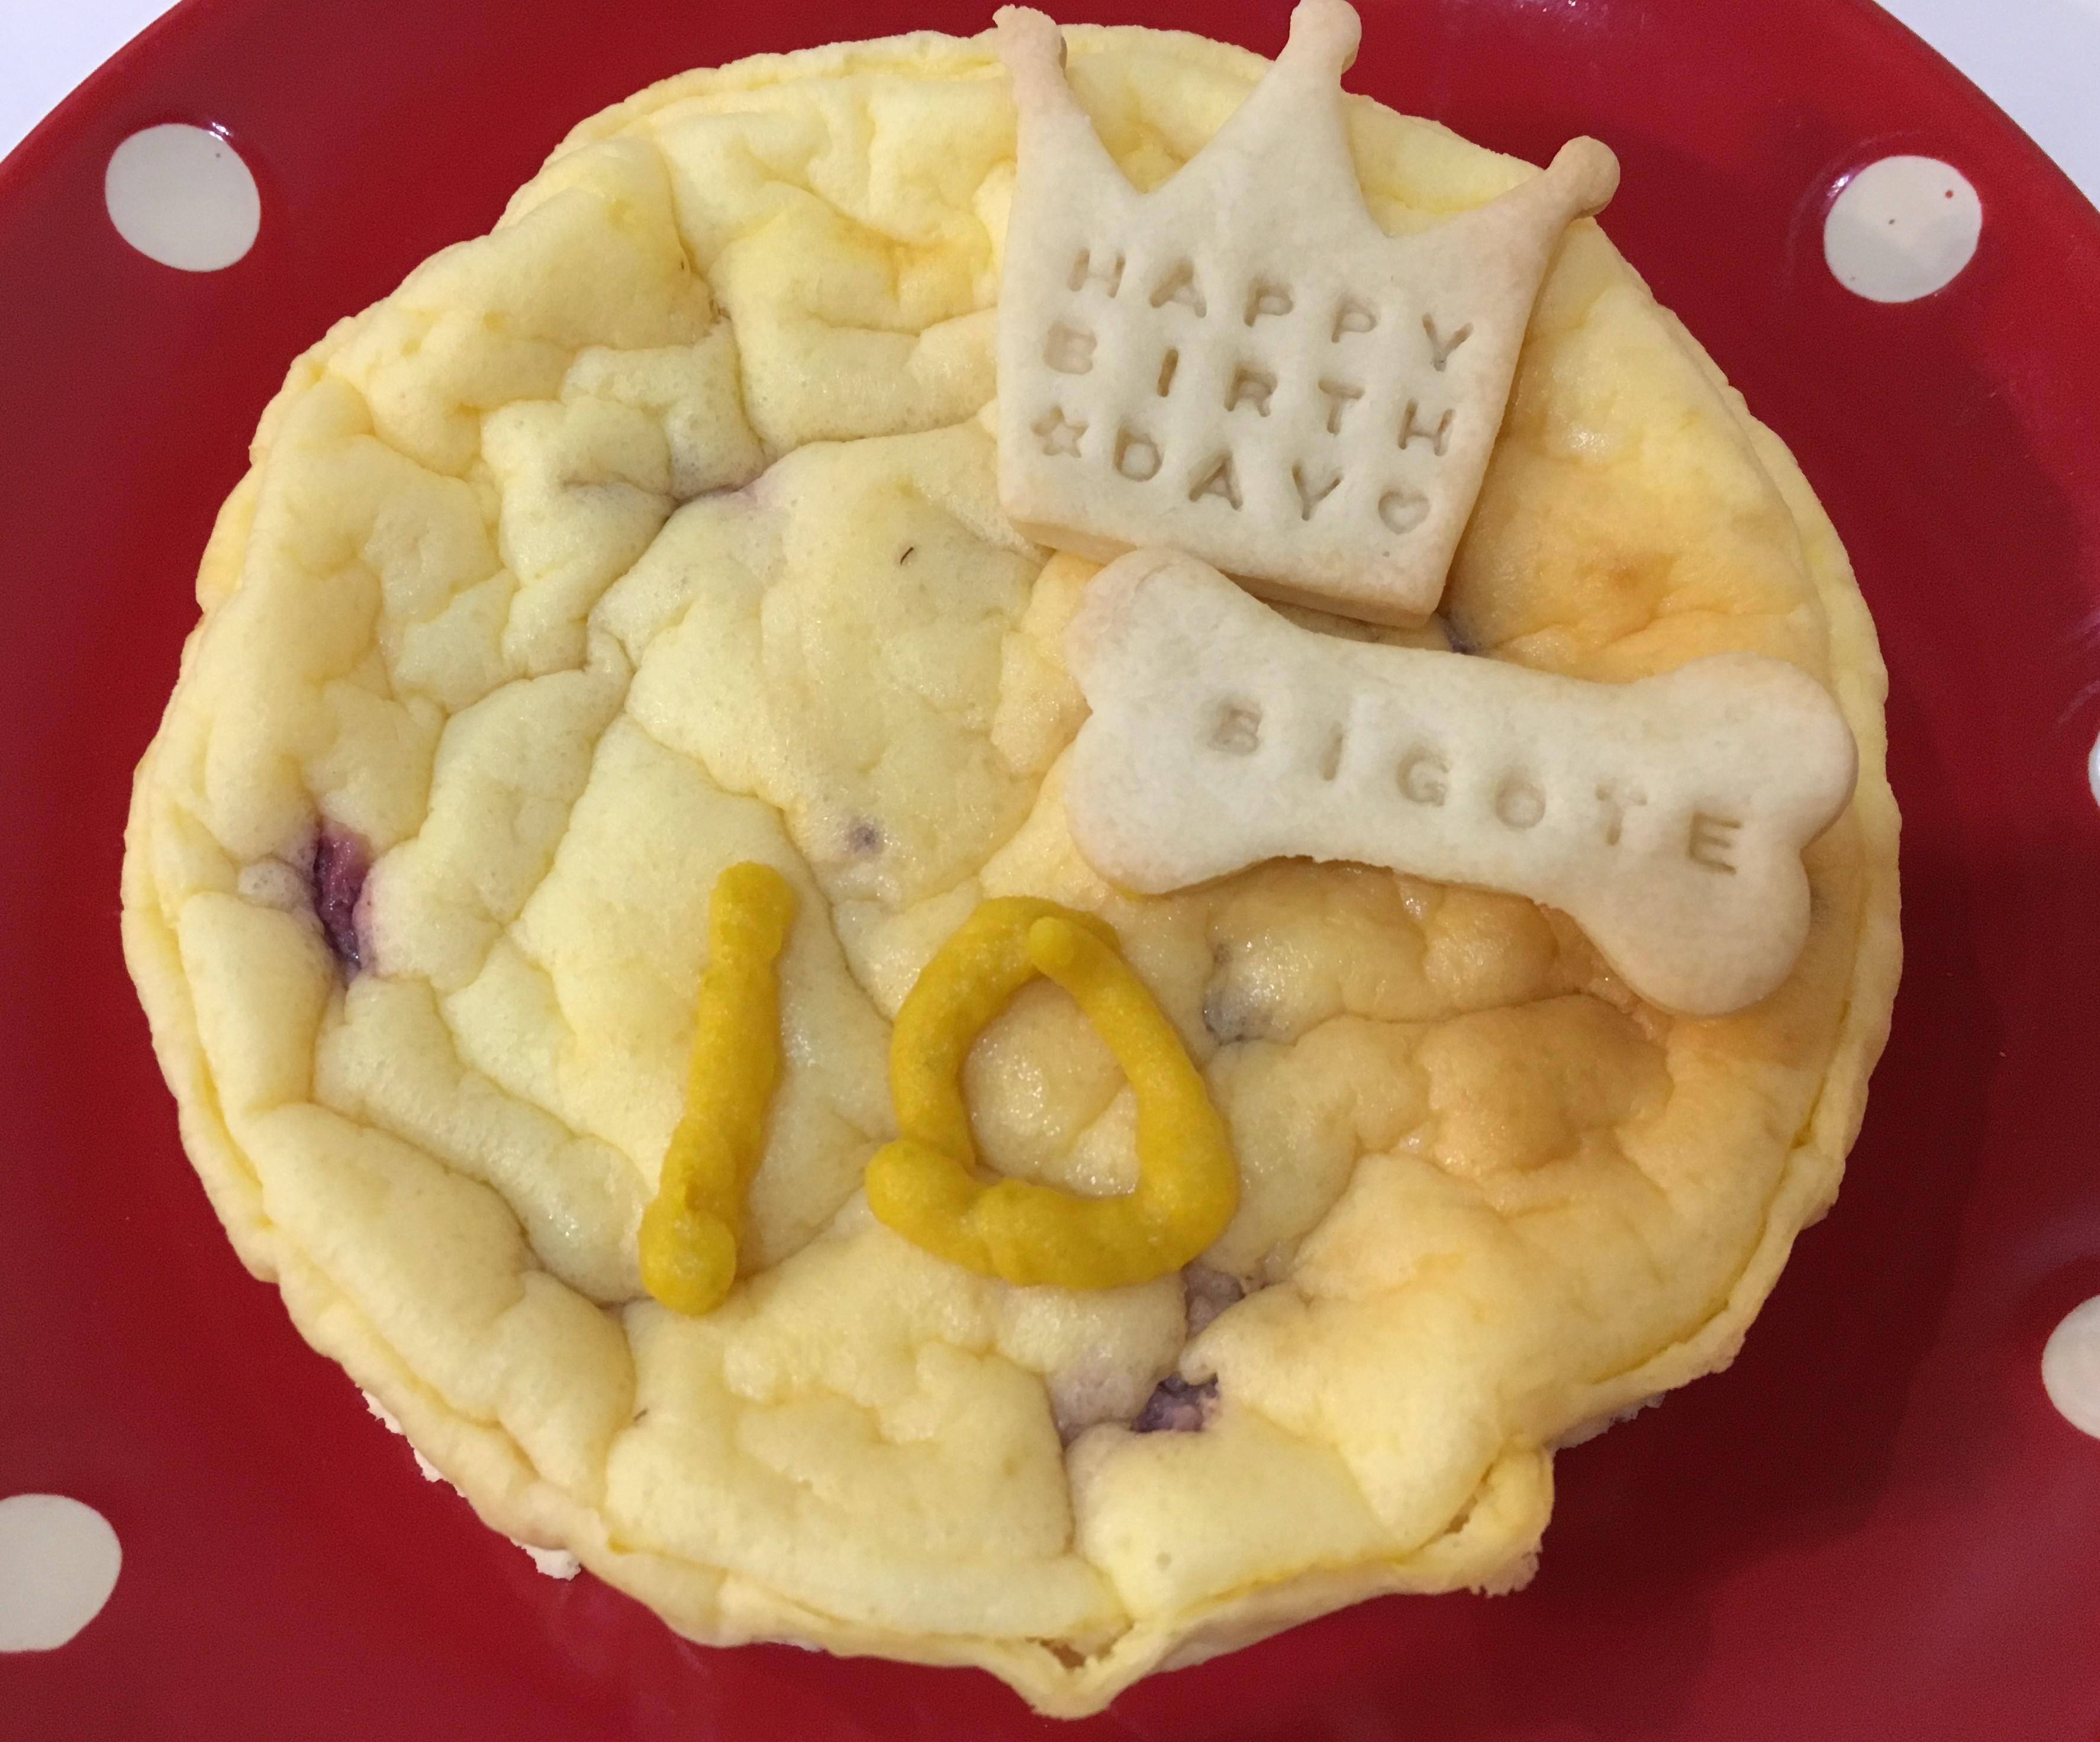 季節のフルーツ入りヨーグルトチーズケーキ ※誕生日ケーキ もっとおおきいものも作れます